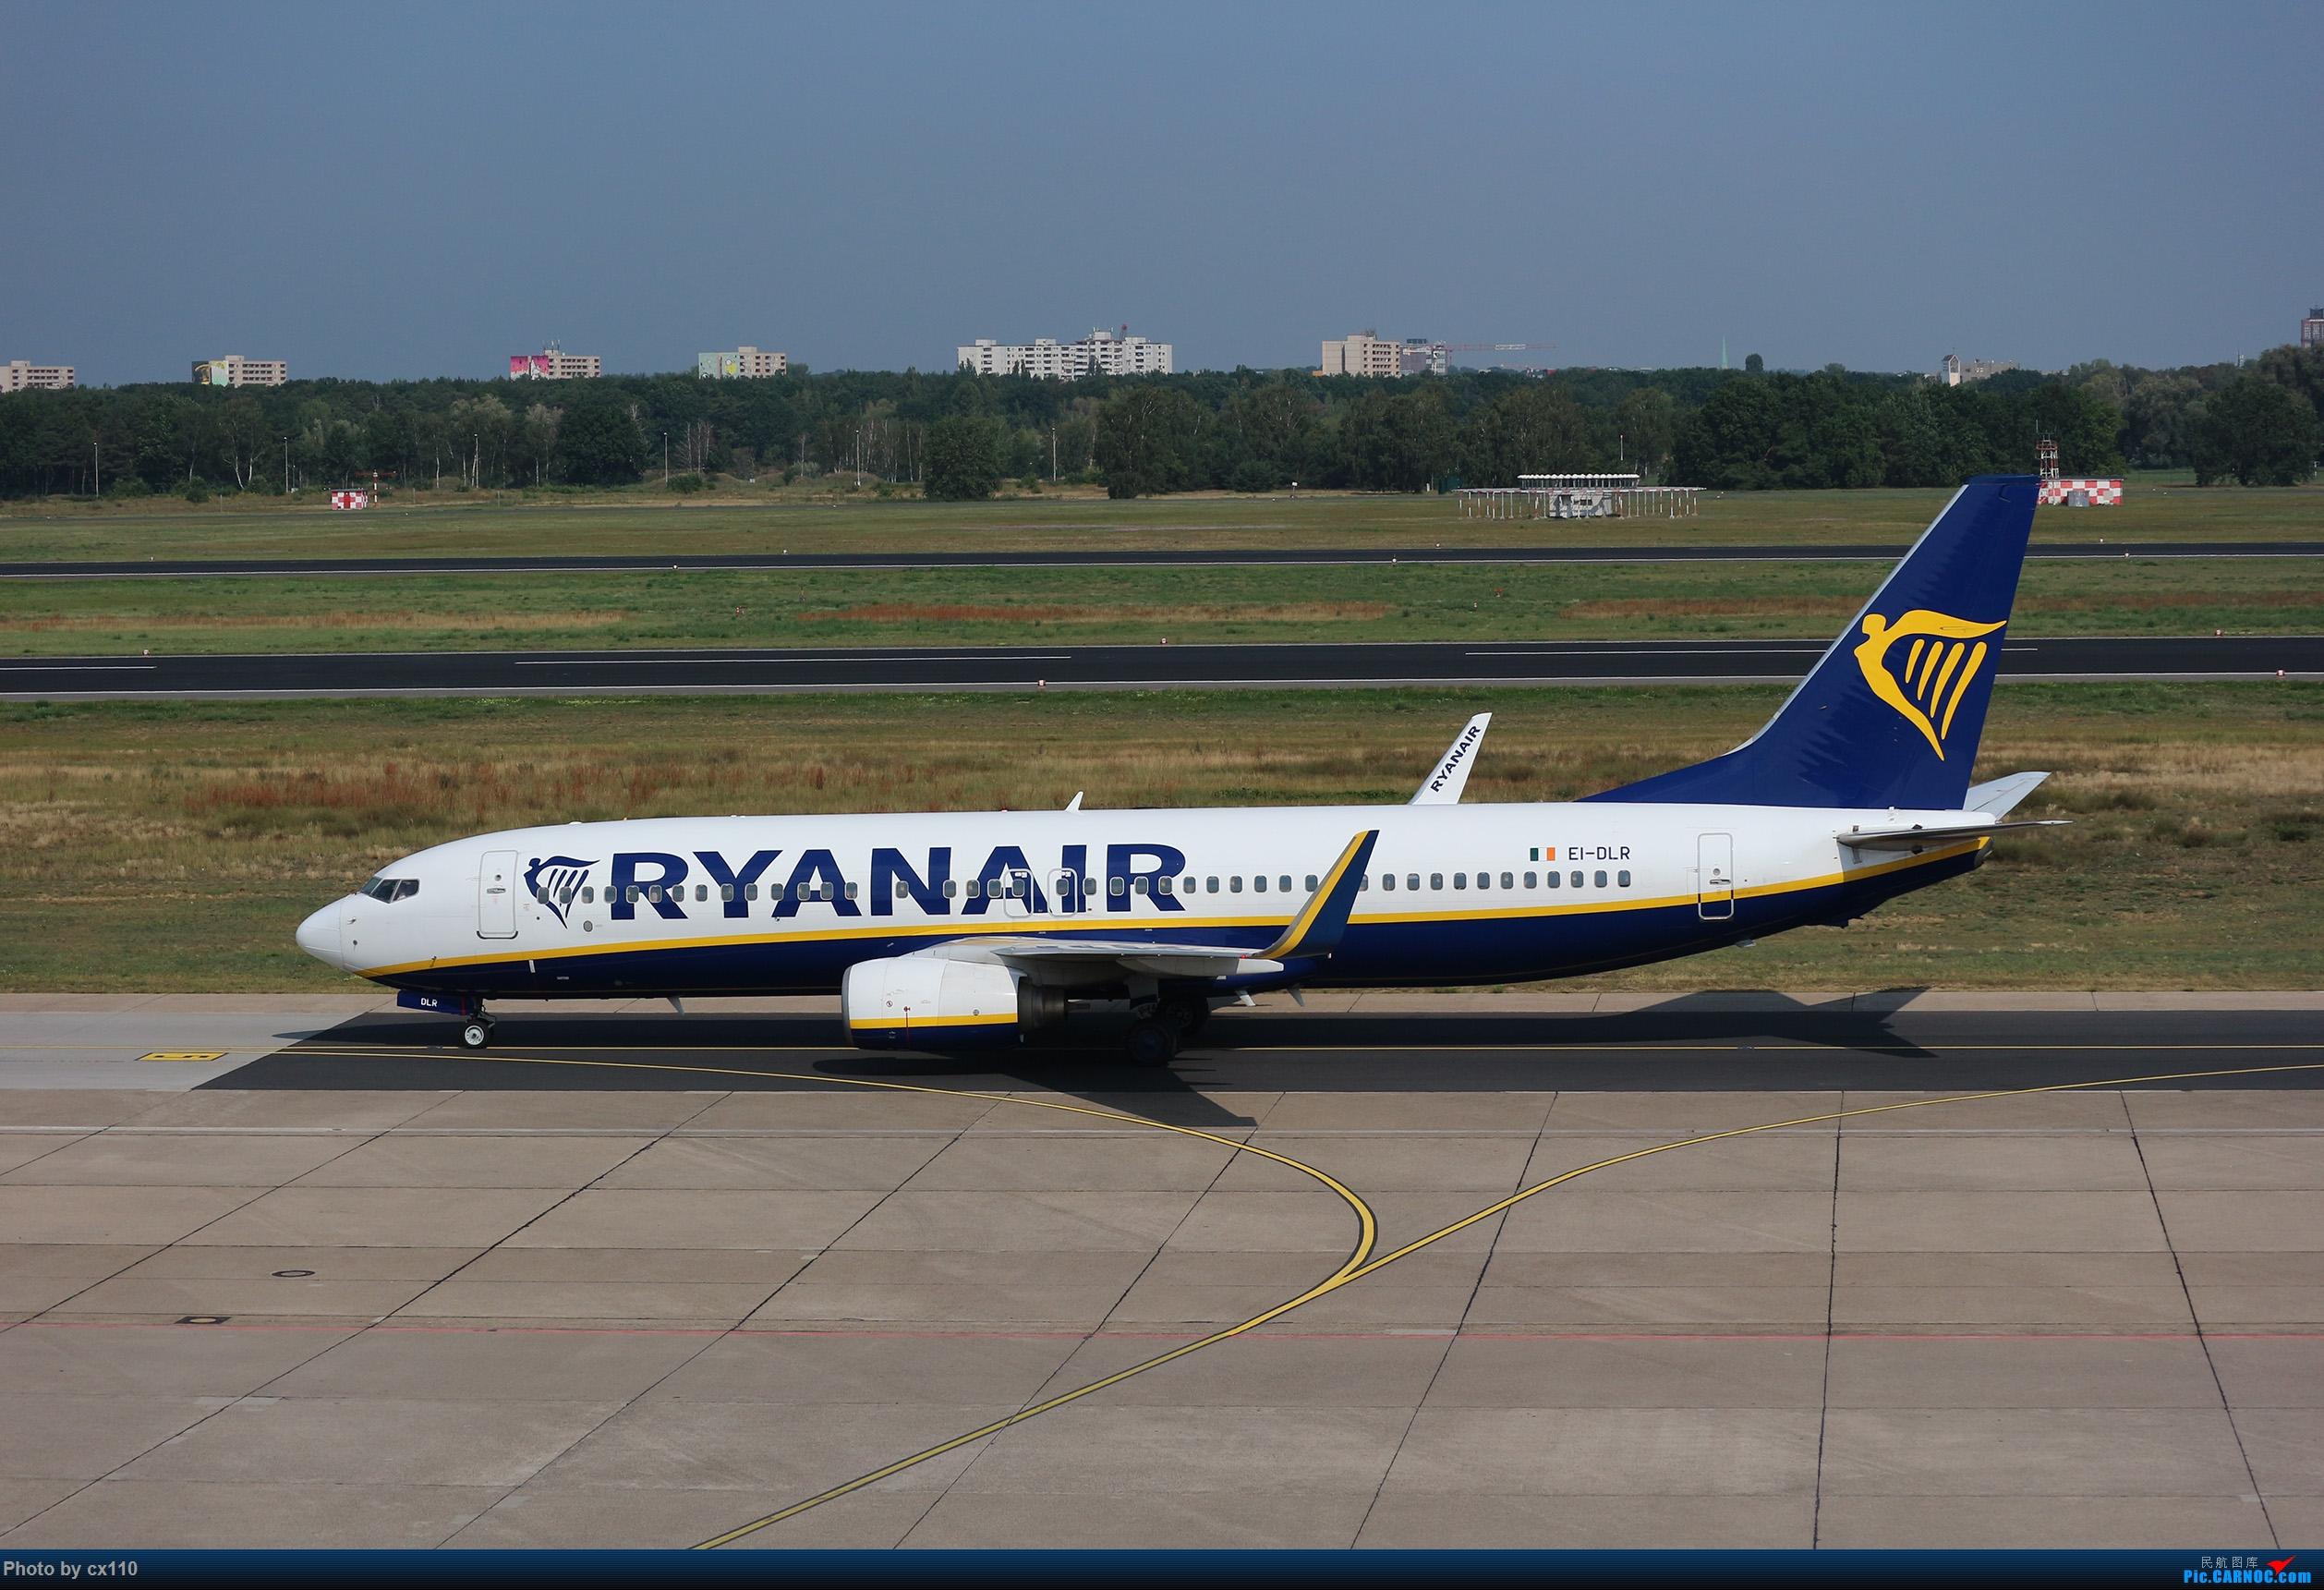 Re:[原创]欧洲机场拍机记-柏林/赫尔辛基/布拉格 BOEING 737-800 EI-DLR 德国柏林泰格尔机场